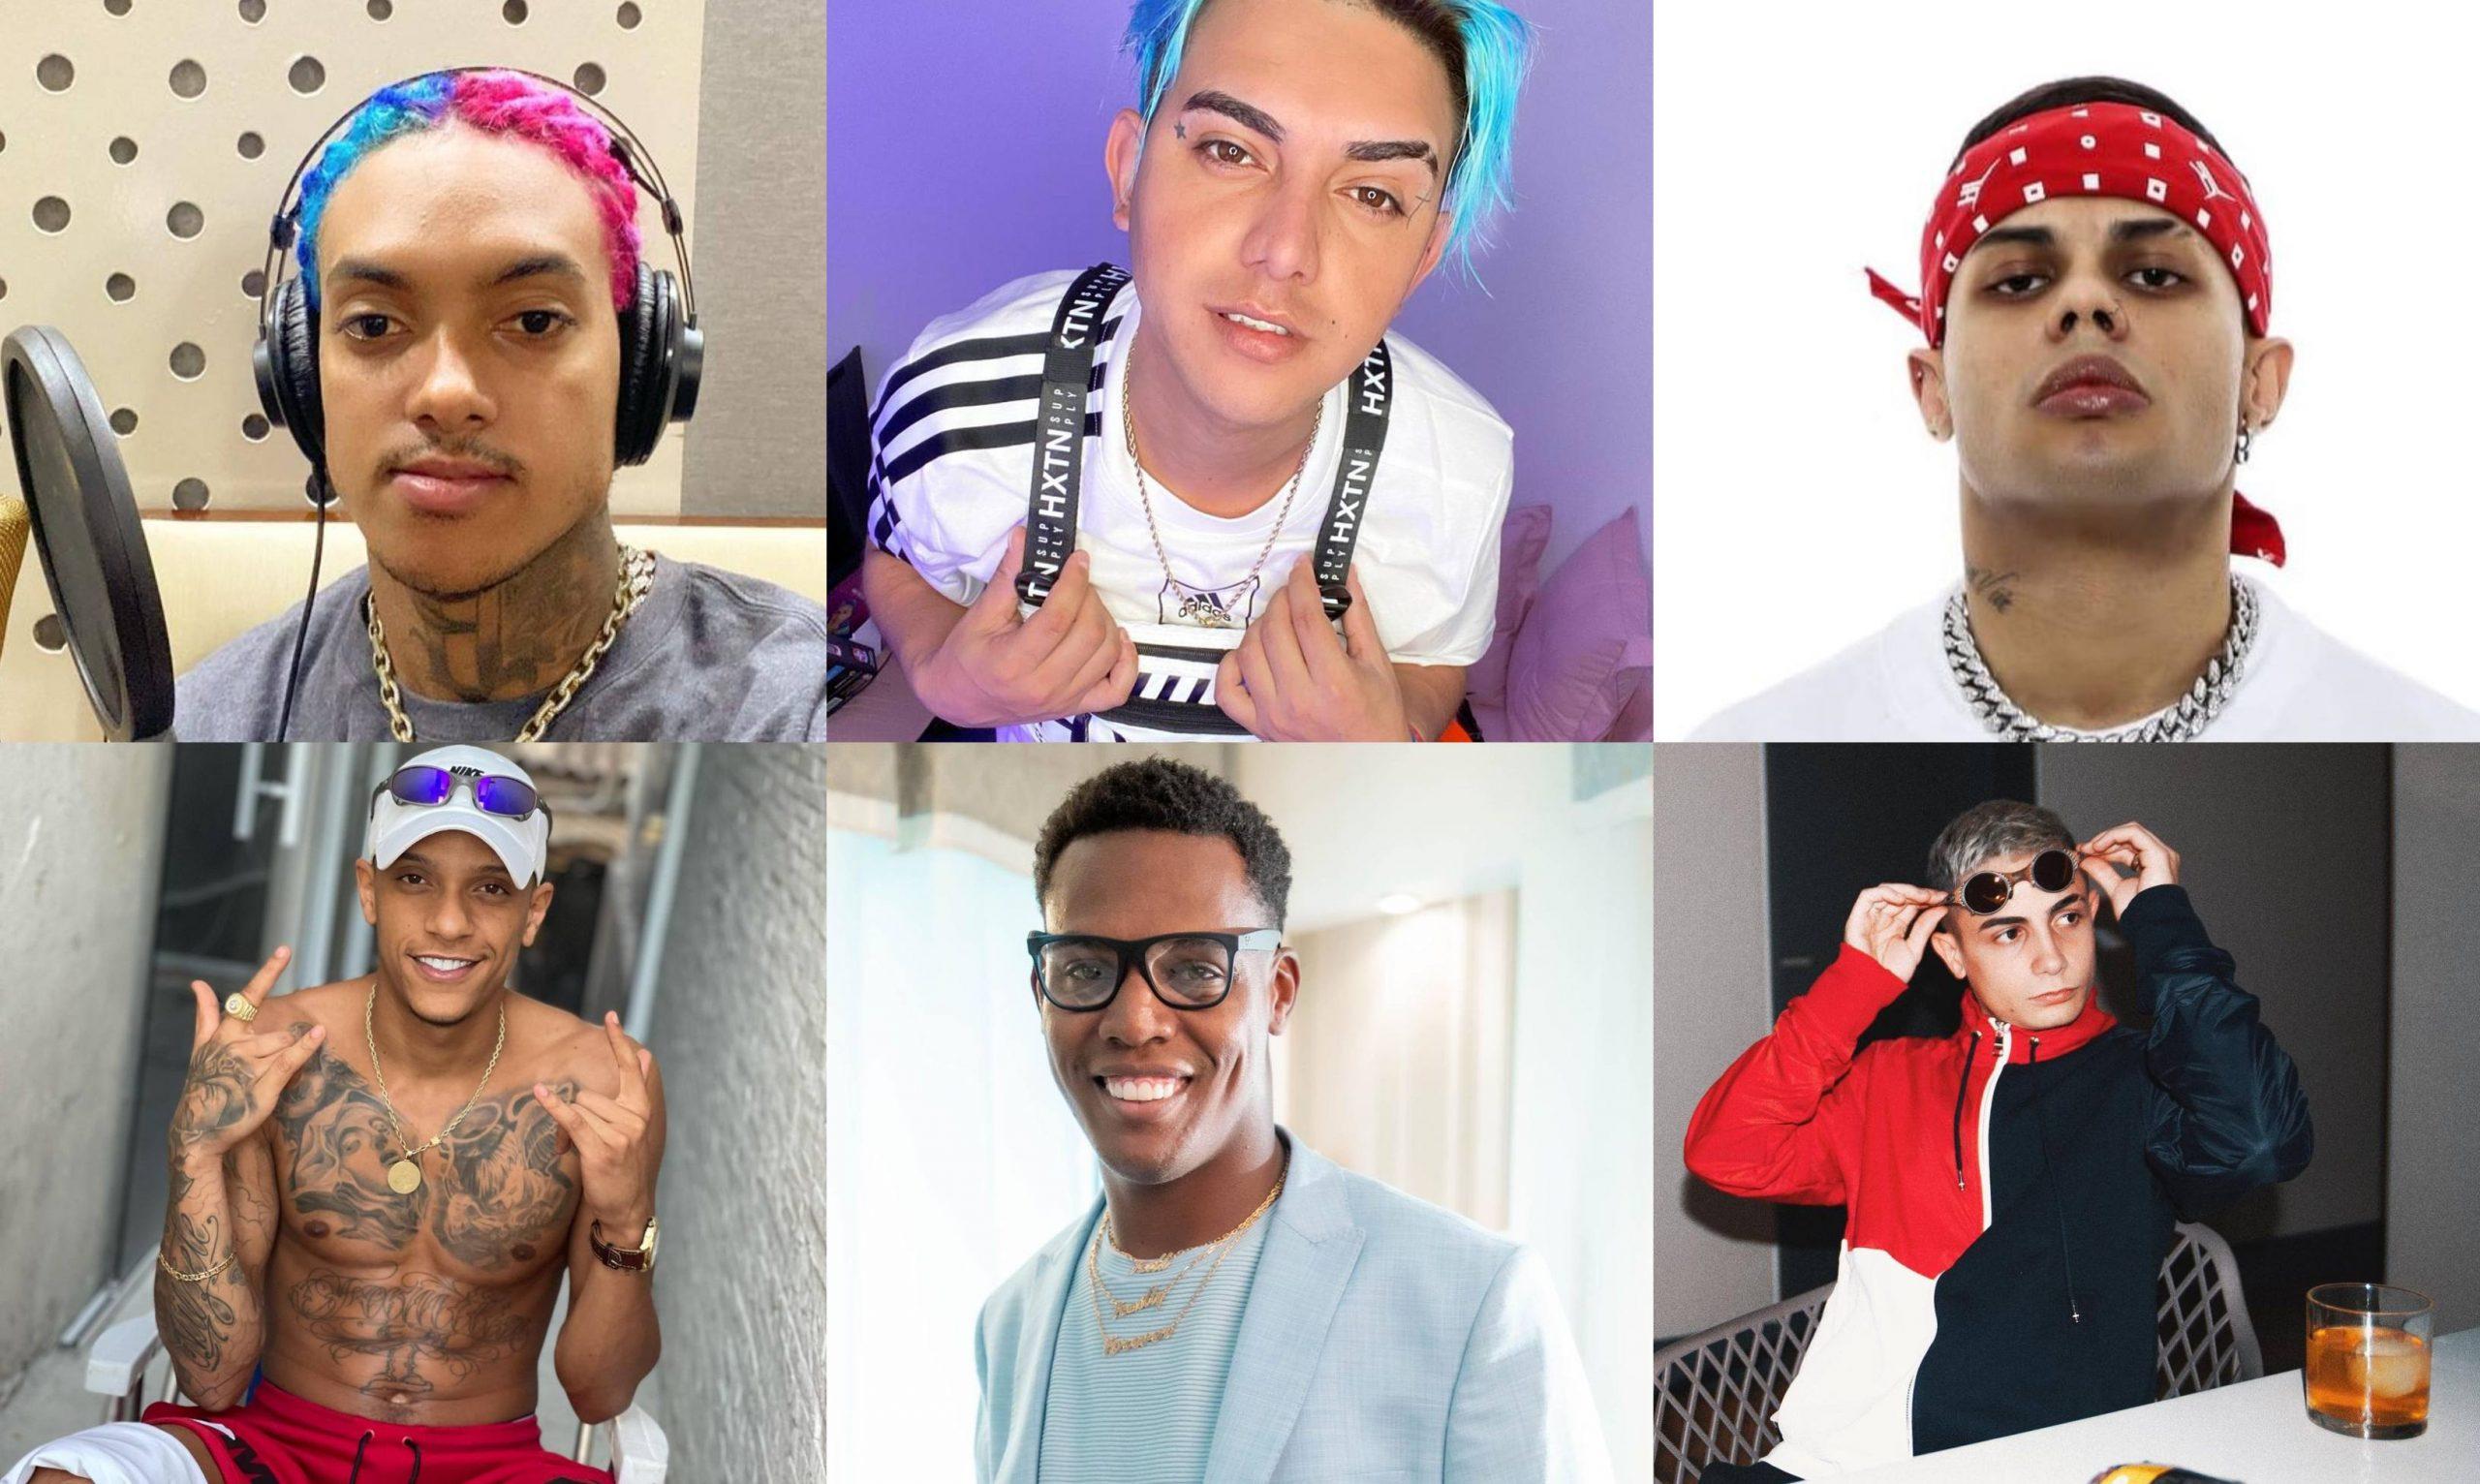 Luto MC Kevin: MCs Fioti, Lan, Hariel, Paulin da Capital, Brinquedo e outros se reúnem para faixa em homenagem ao amigo